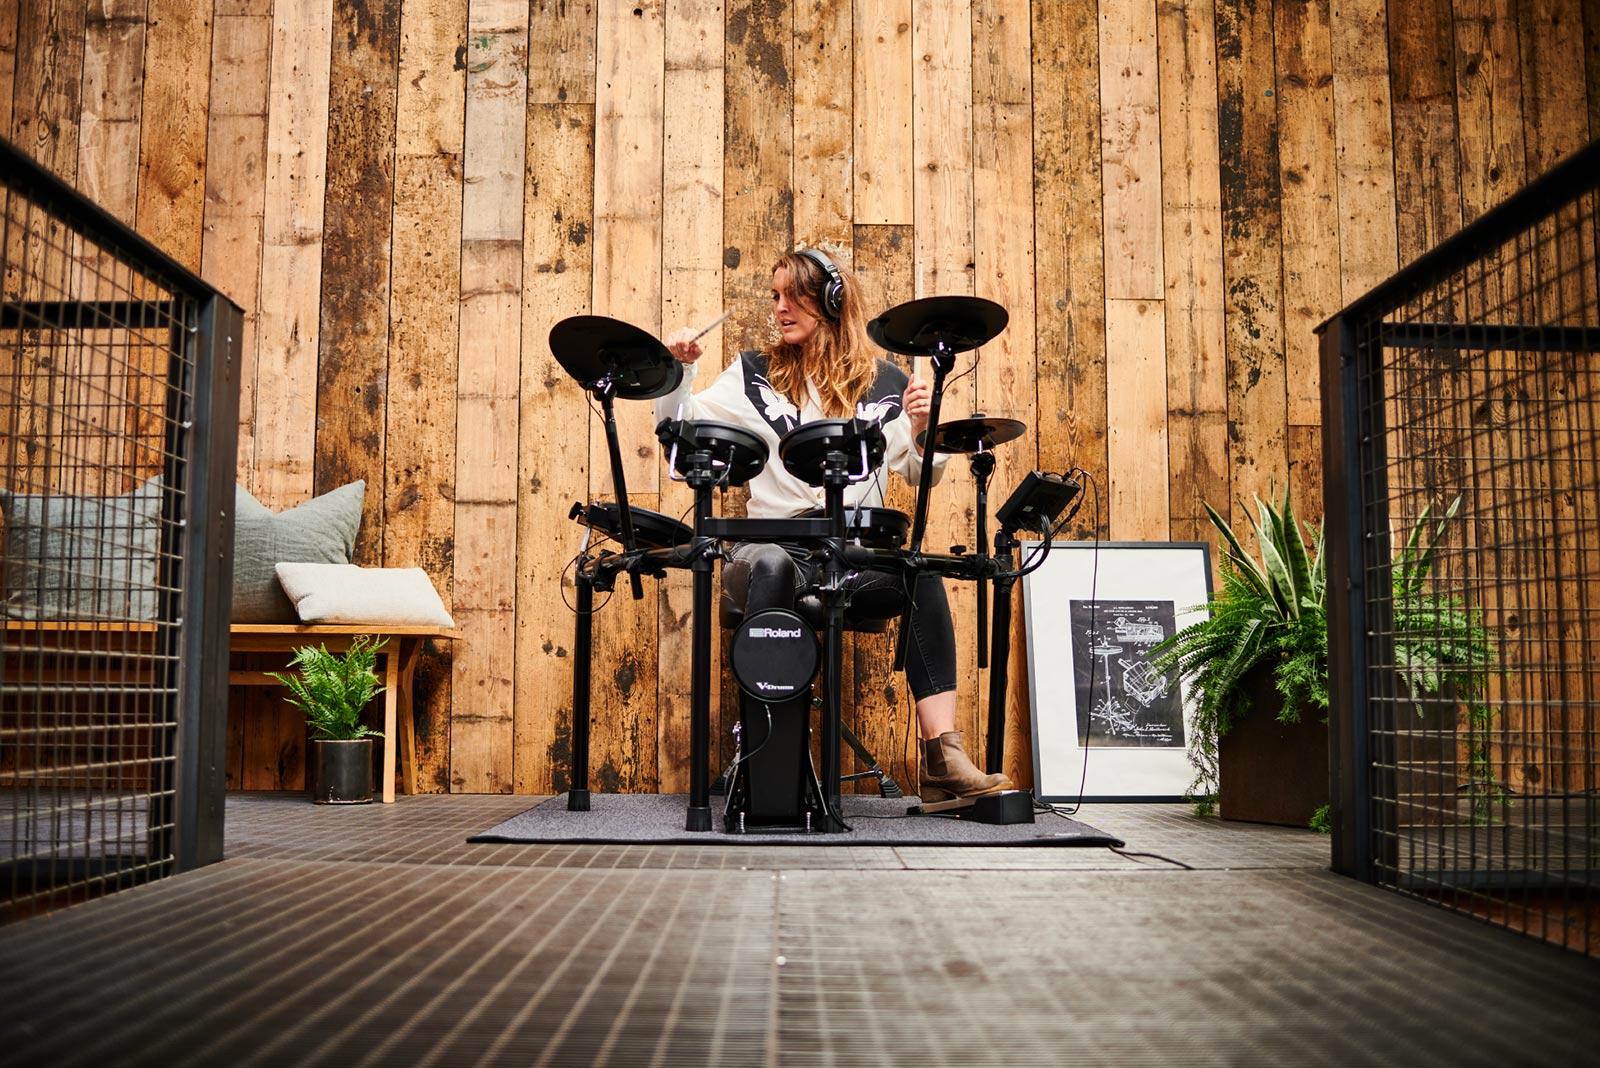 Roland TD-07 V-Drums